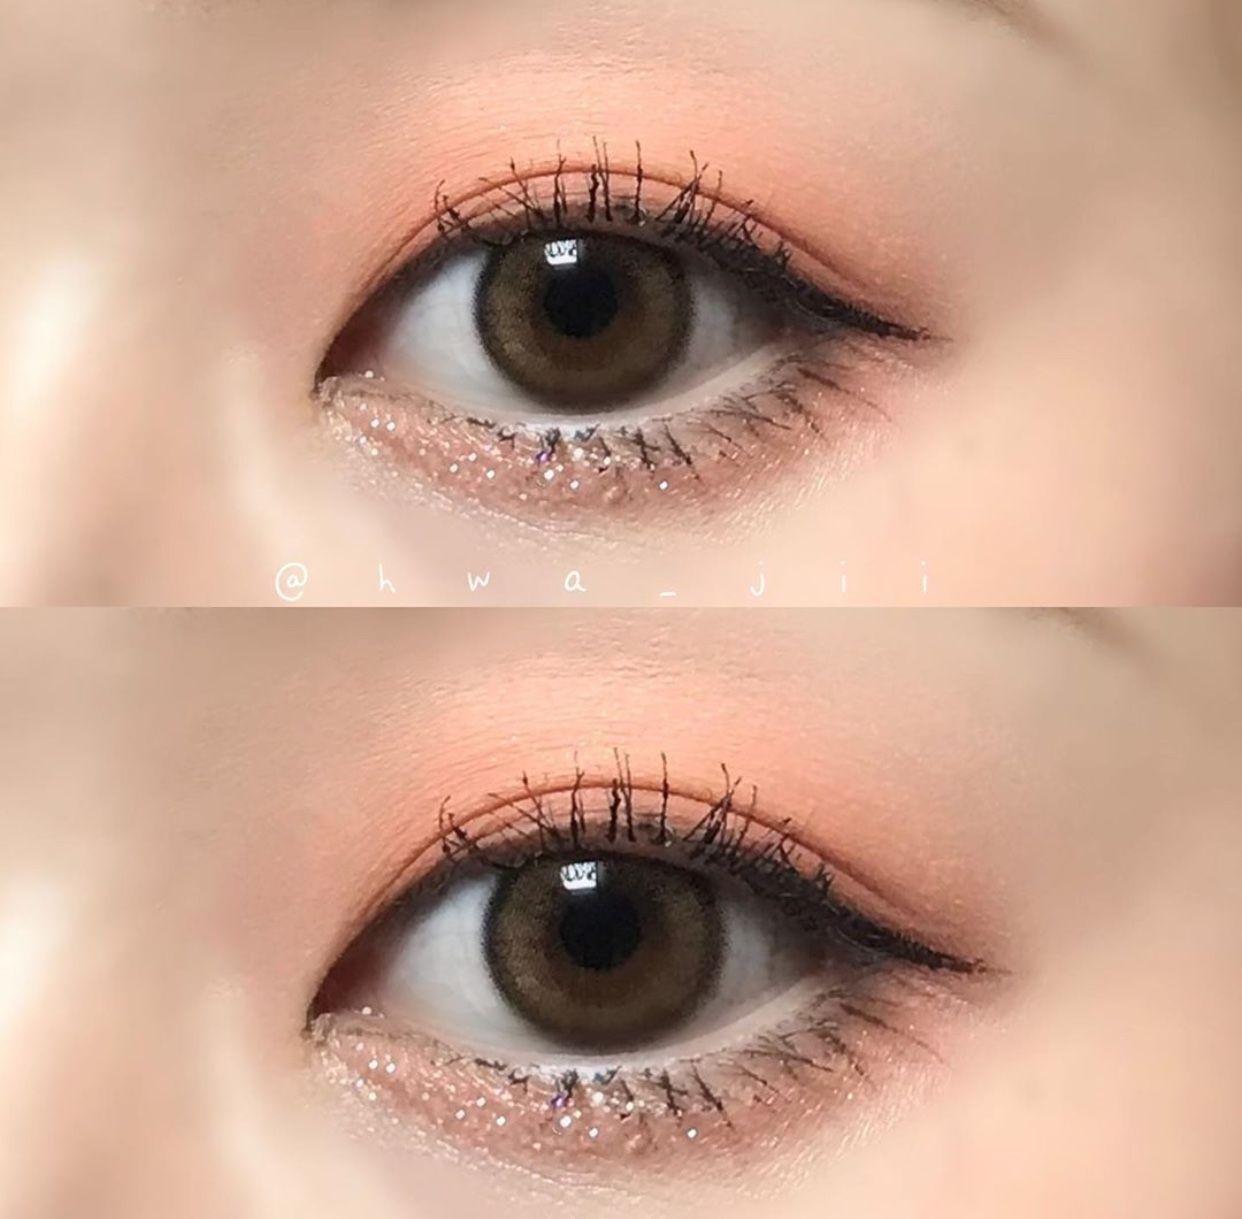 Korean style eye makeup 😍💁♀️ 🌟 Makeup, Makeup looks